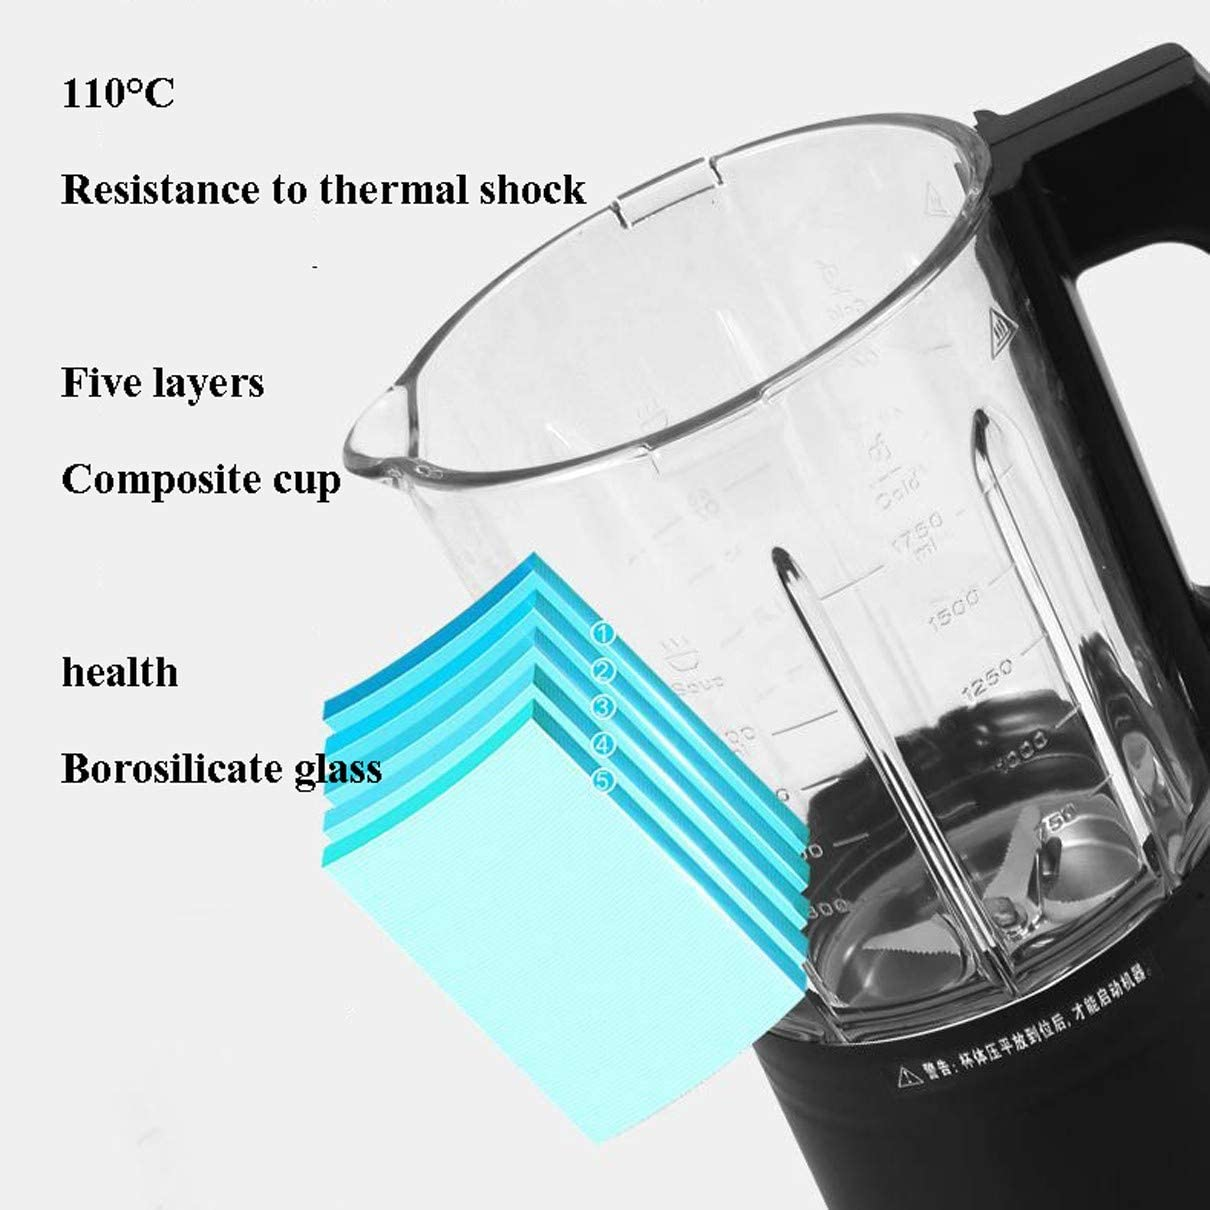 XY-M Blender Portable,pour Milkshake, Boissons Aux Fruits Et Légumes, Glace, Broyage à Chaud Et à Froid Et Cuisson à La Vapeur, Couteau Dentelé en Acier Inoxydable à 8 Lames Red